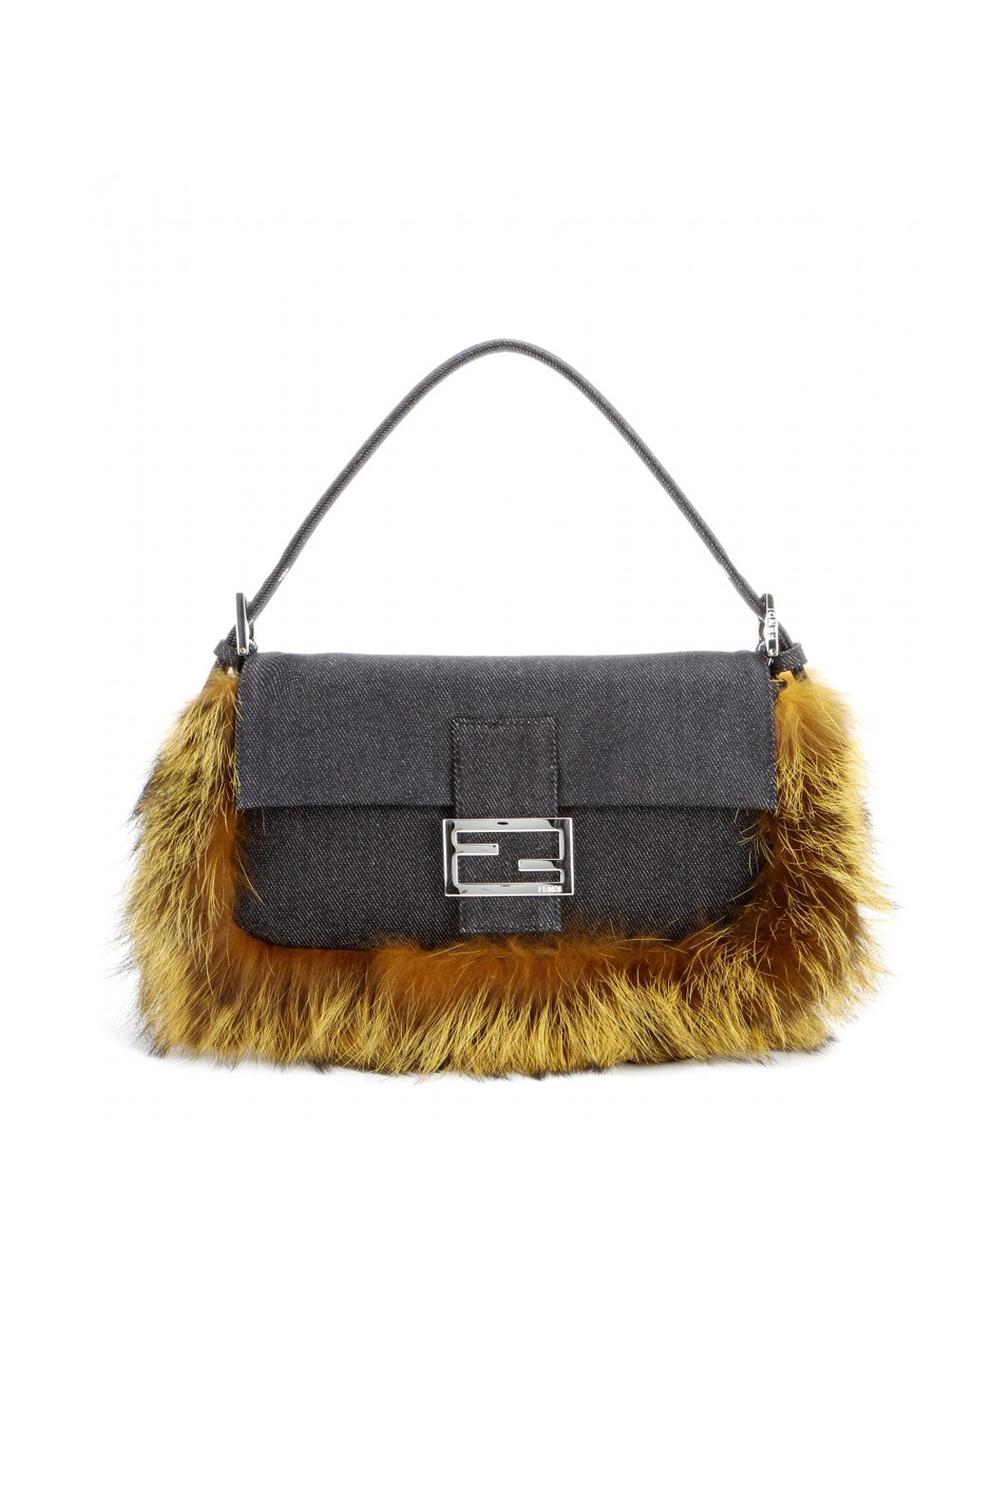 04-spring-denim-trends-bags-03.jpg